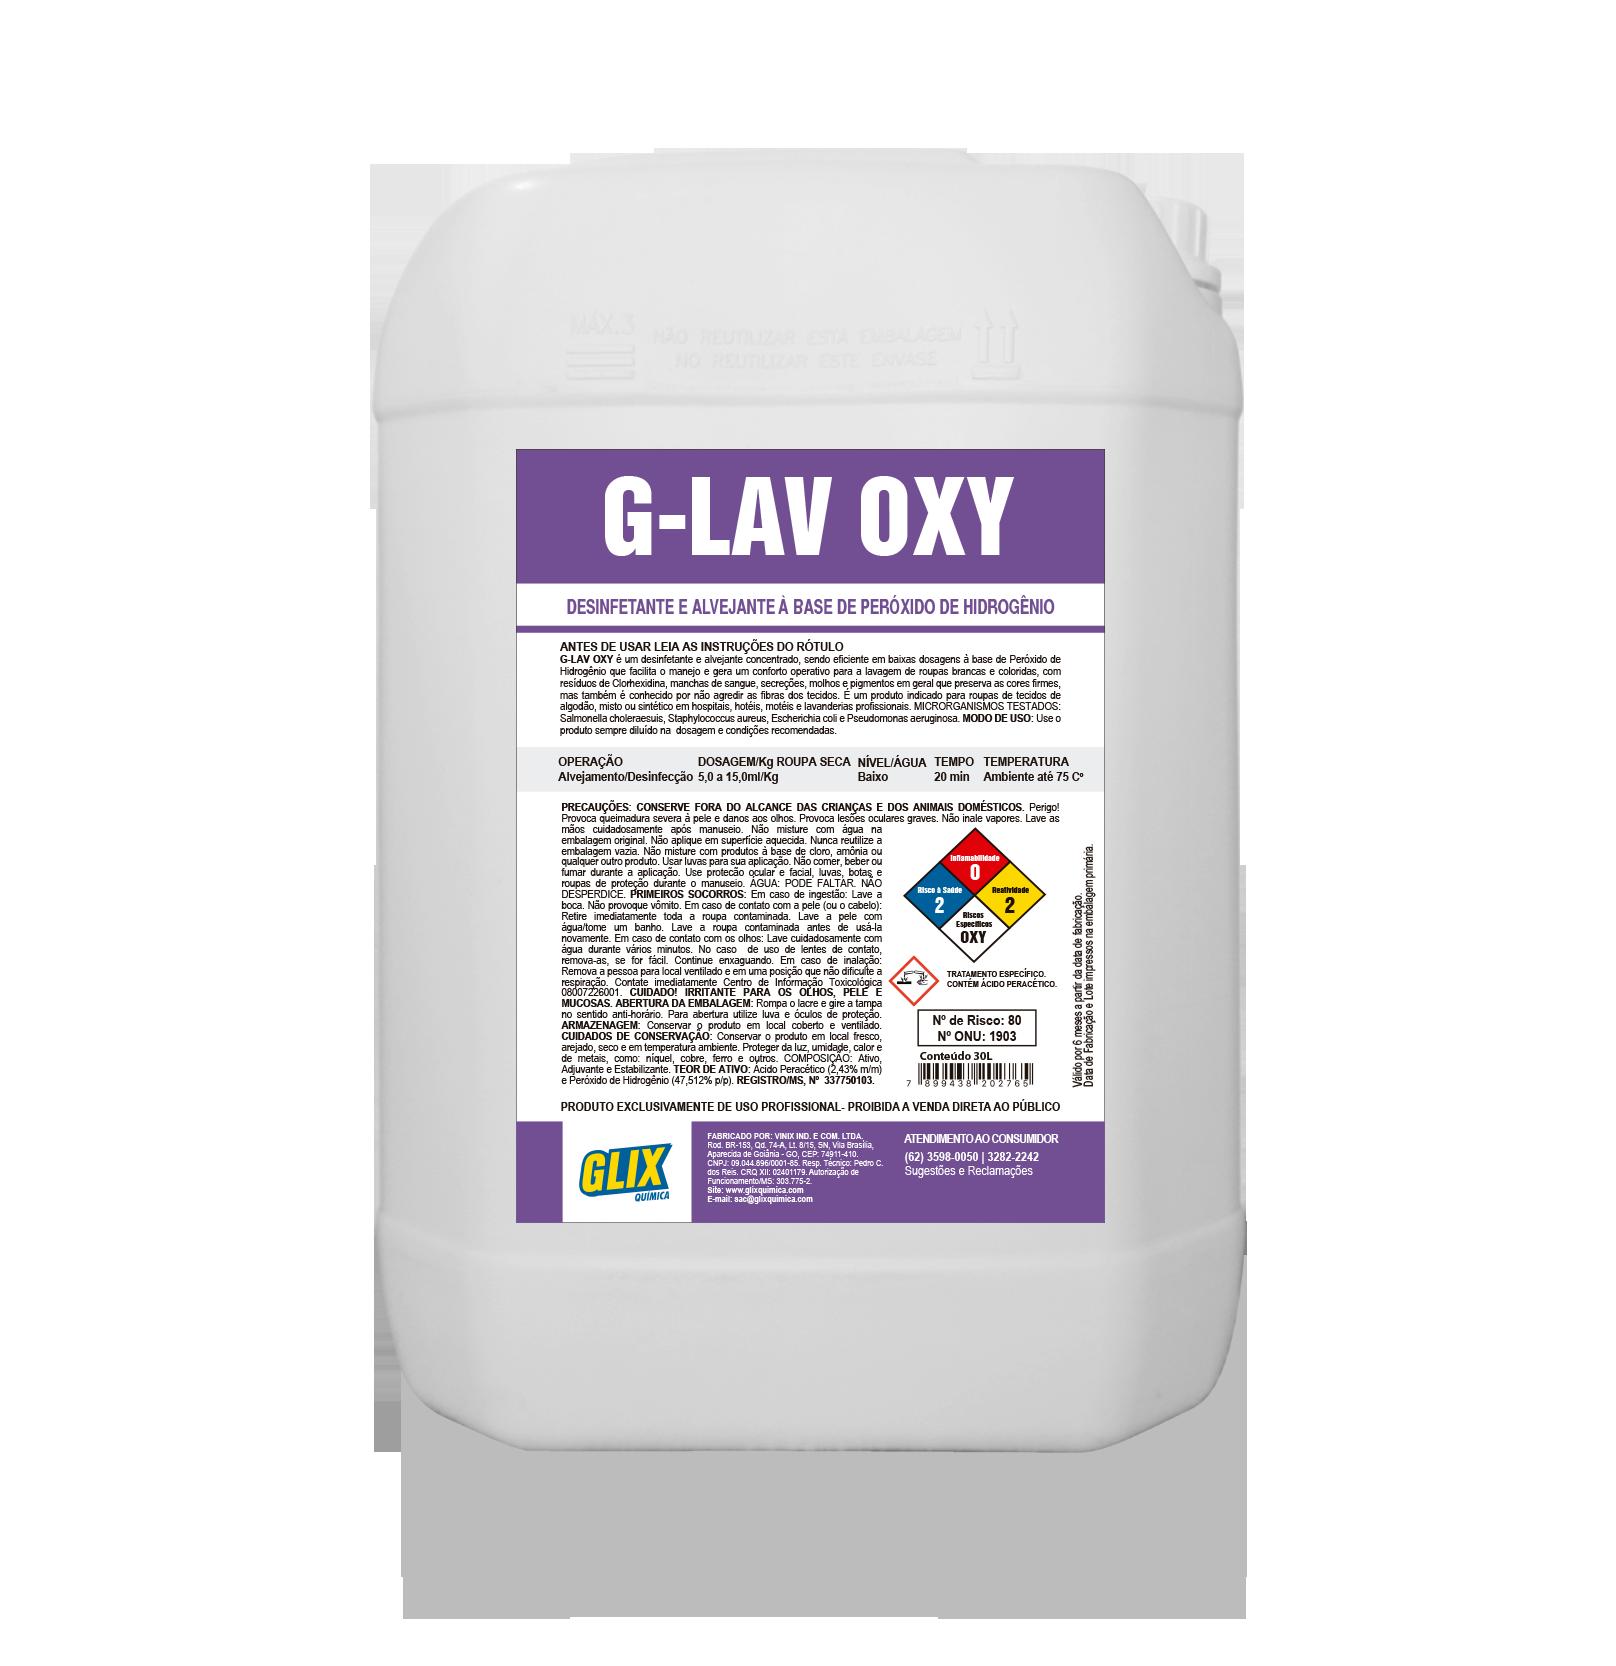 G-LAV OXY